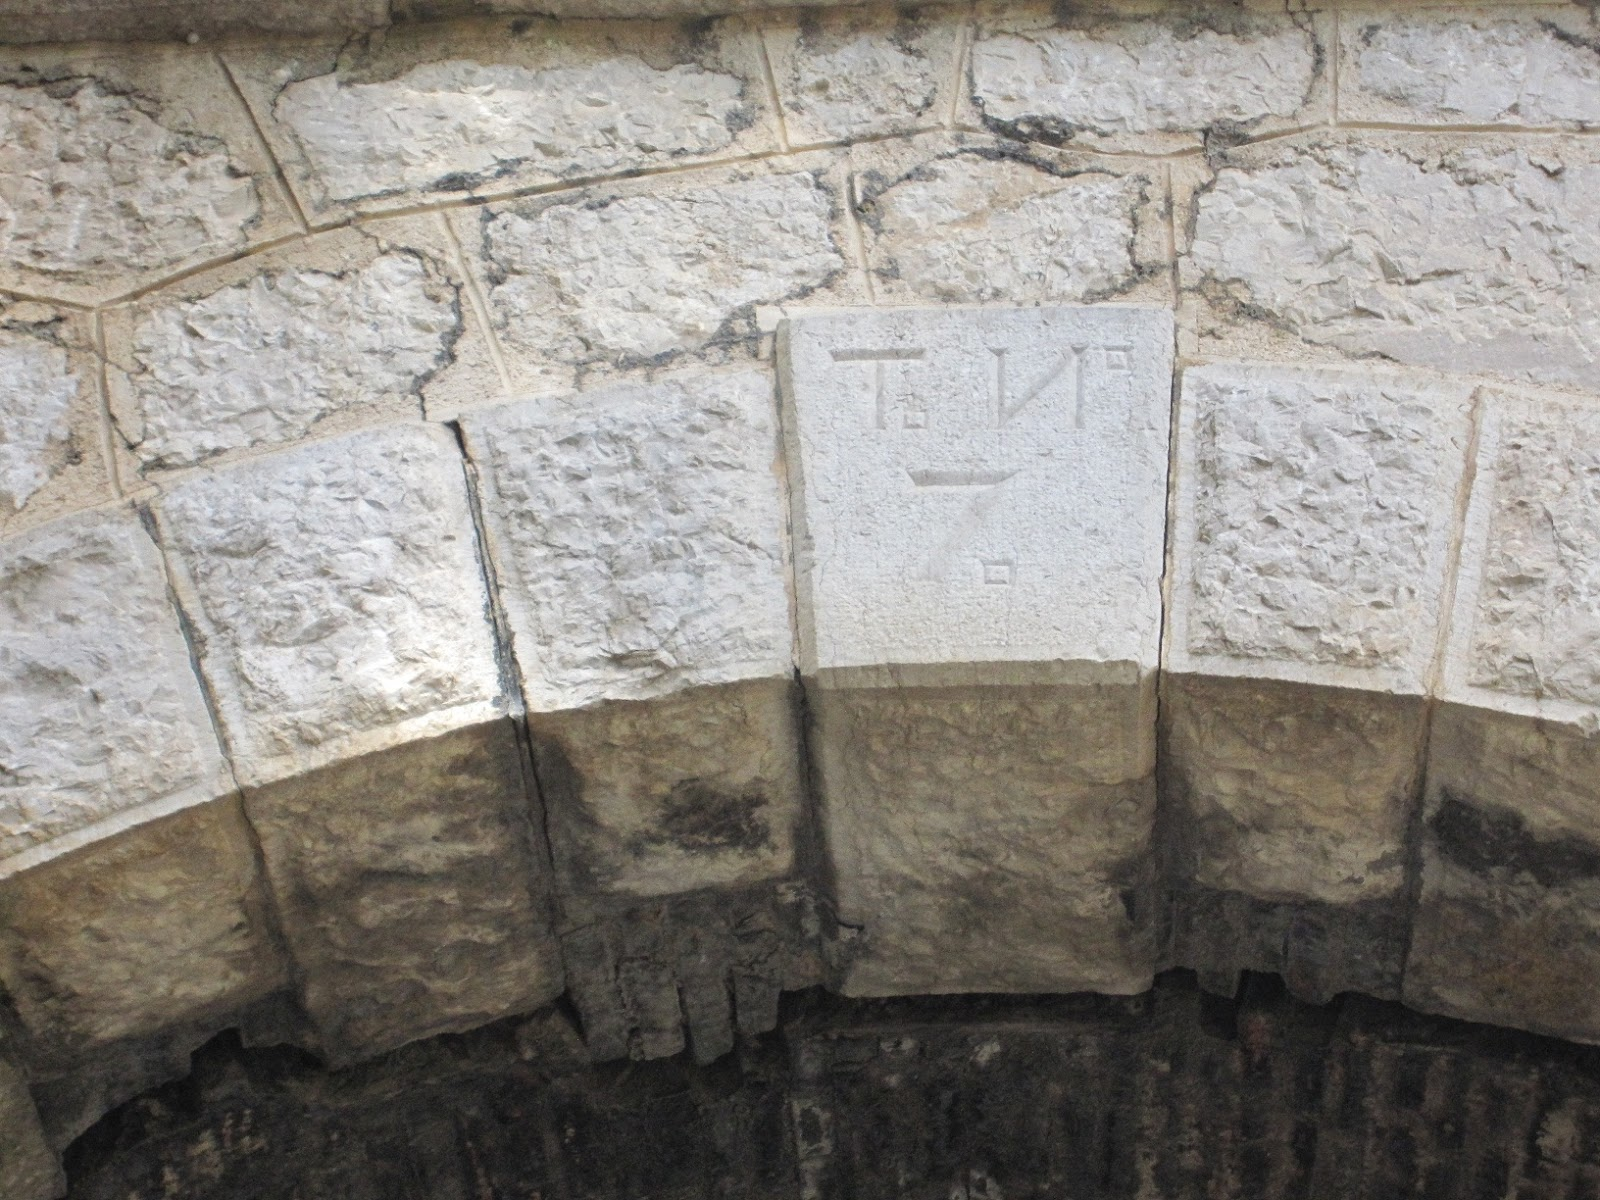 Detall de la numeració dels túnels Racó del Duc